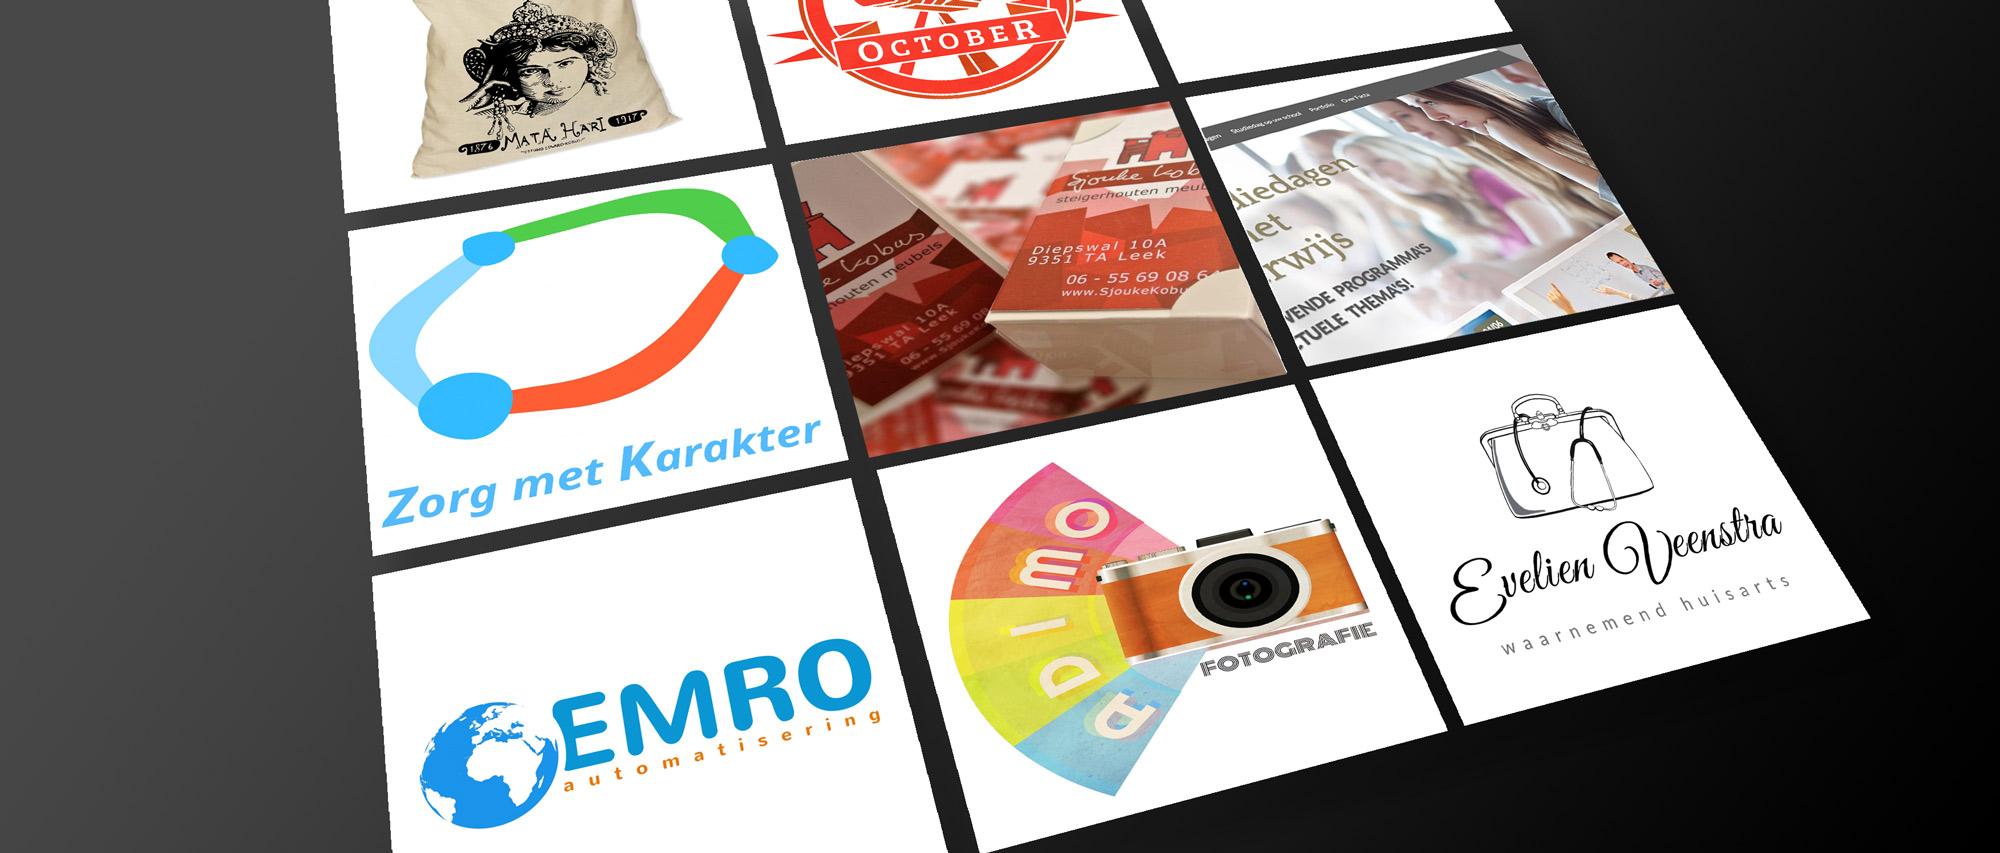 Ontwerp, Logo's en meer; Studio Edward Kobus